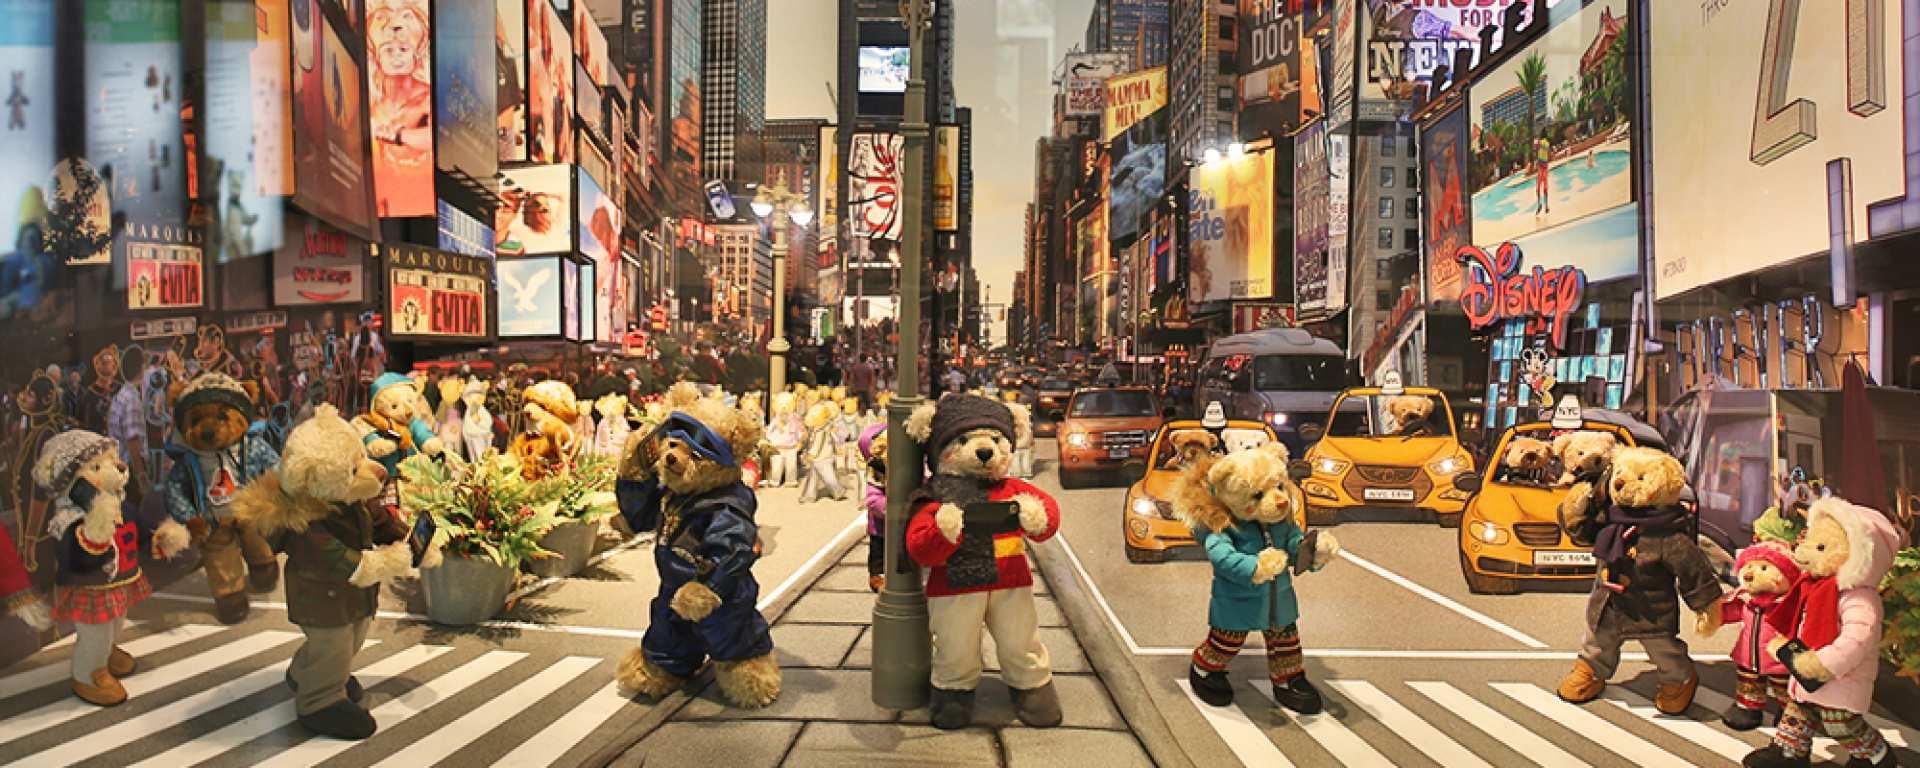 【世界最大】 濟州島泰迪熊博物館